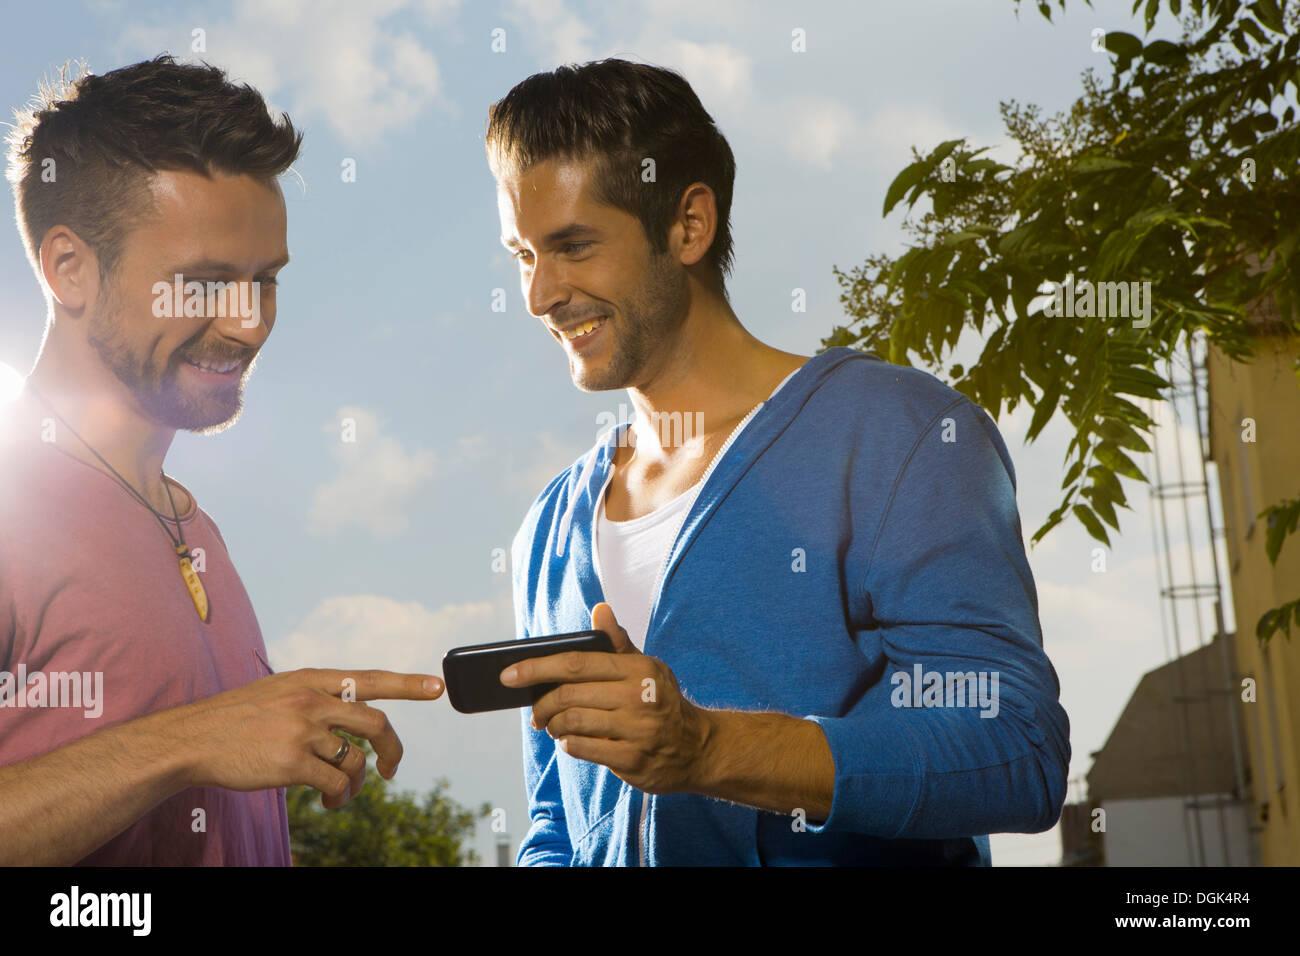 Dos hombres con teléfono celular Imagen De Stock